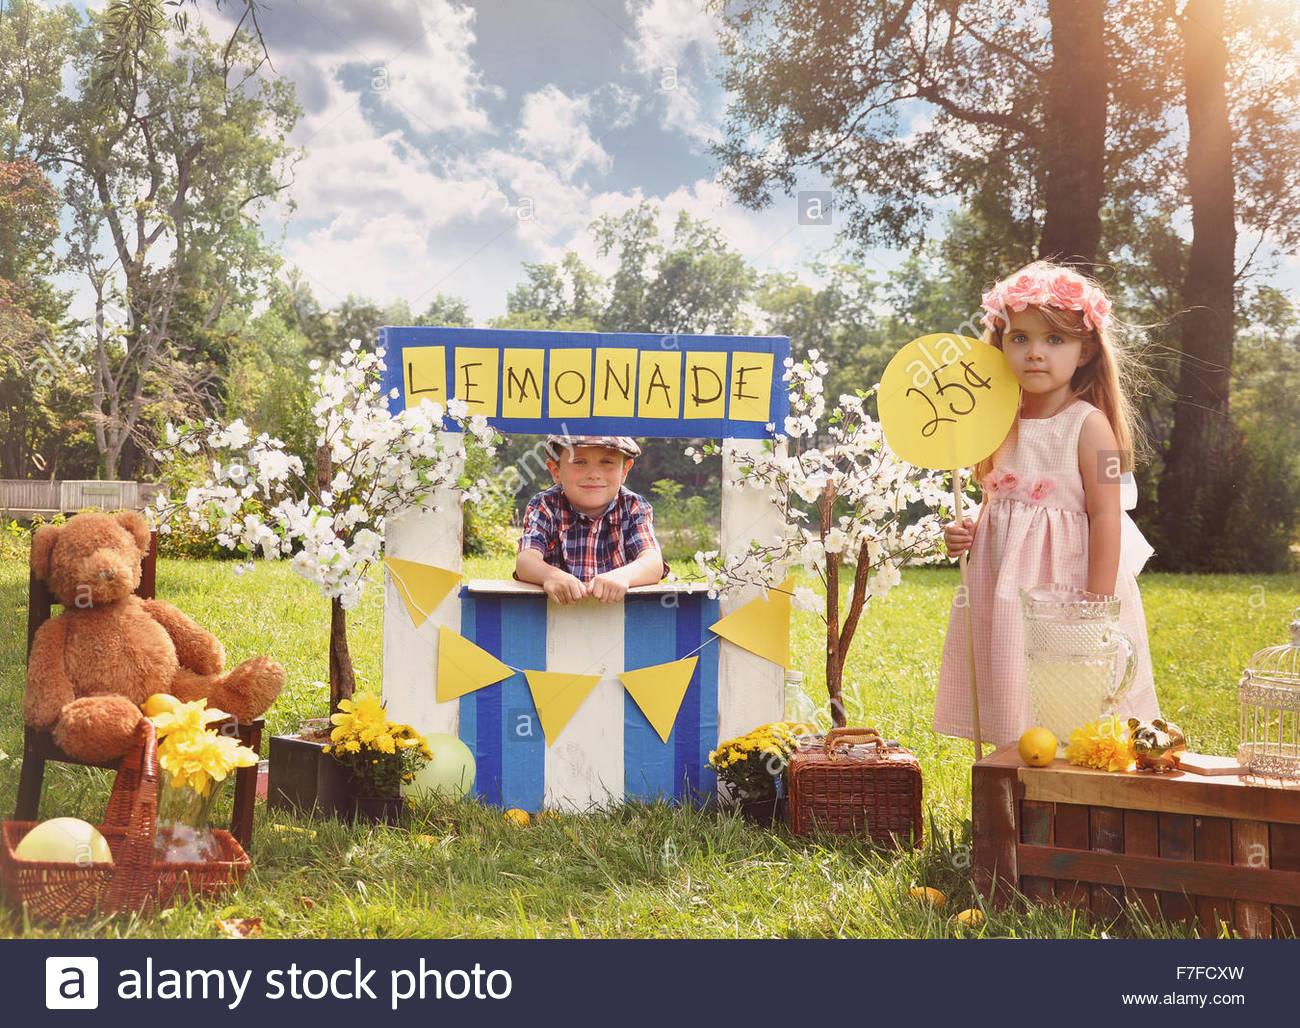 Zwei kleine Kinder verkaufen Limonade auf eine hausgemachte Limonadenstand an einem sonnigen Tag mit einem Preis Stockbild